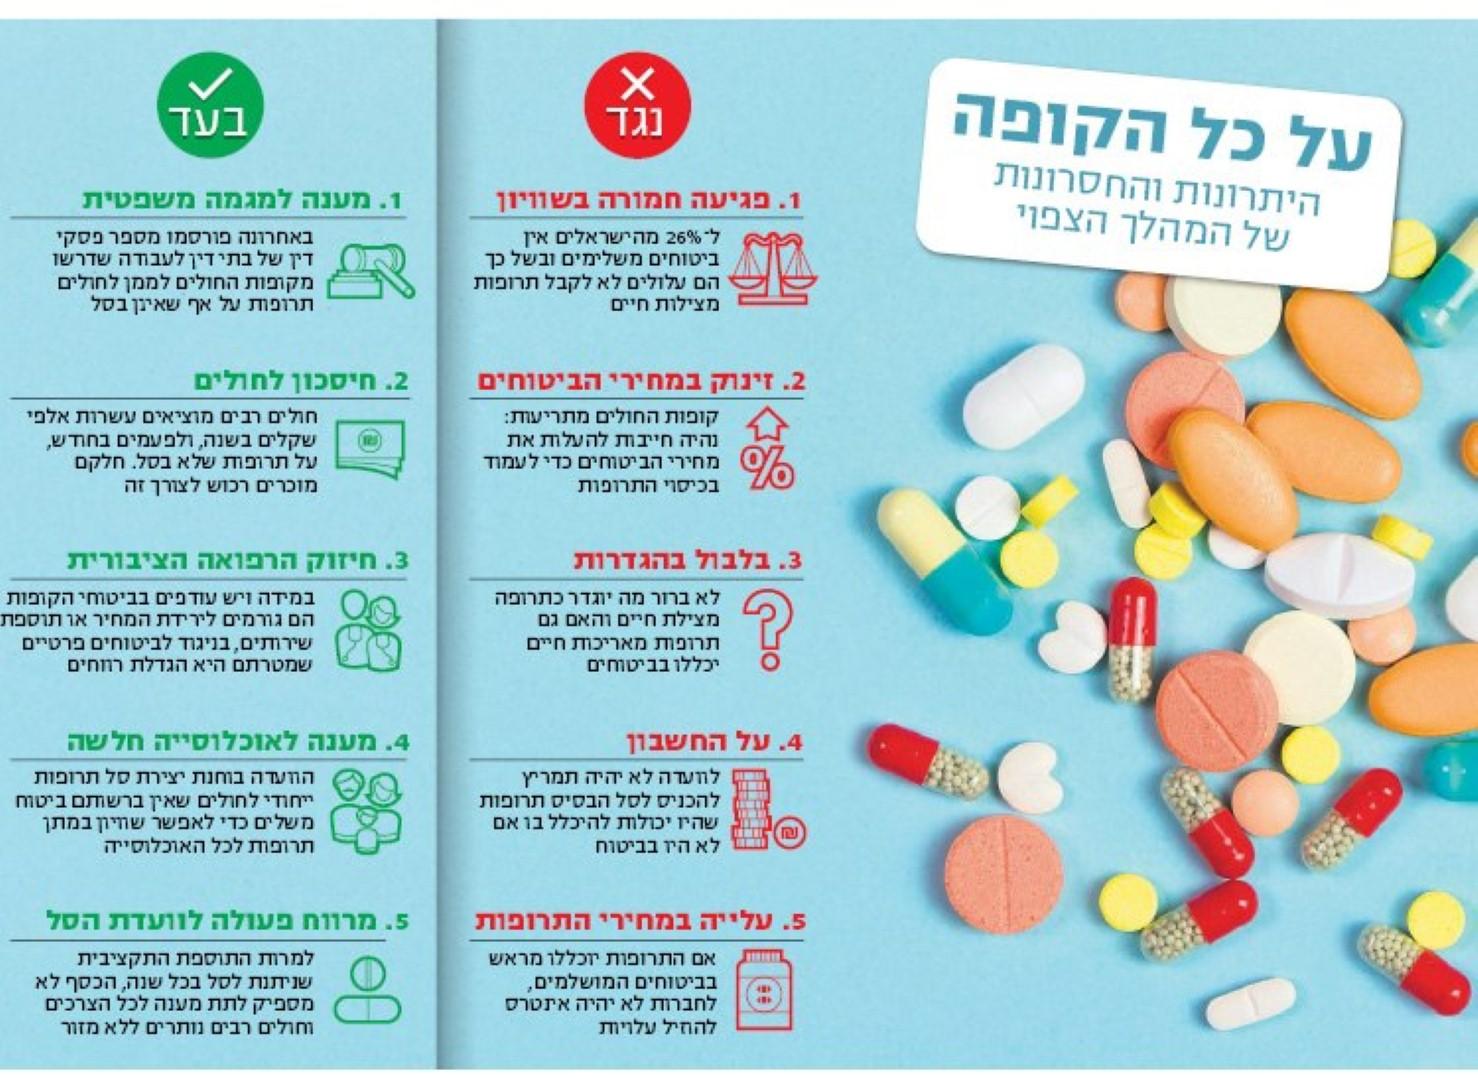 מהפכת סל התרופות: חולים יקבלו תרופות מצילות חיים דרך הקופה 67_(Large)